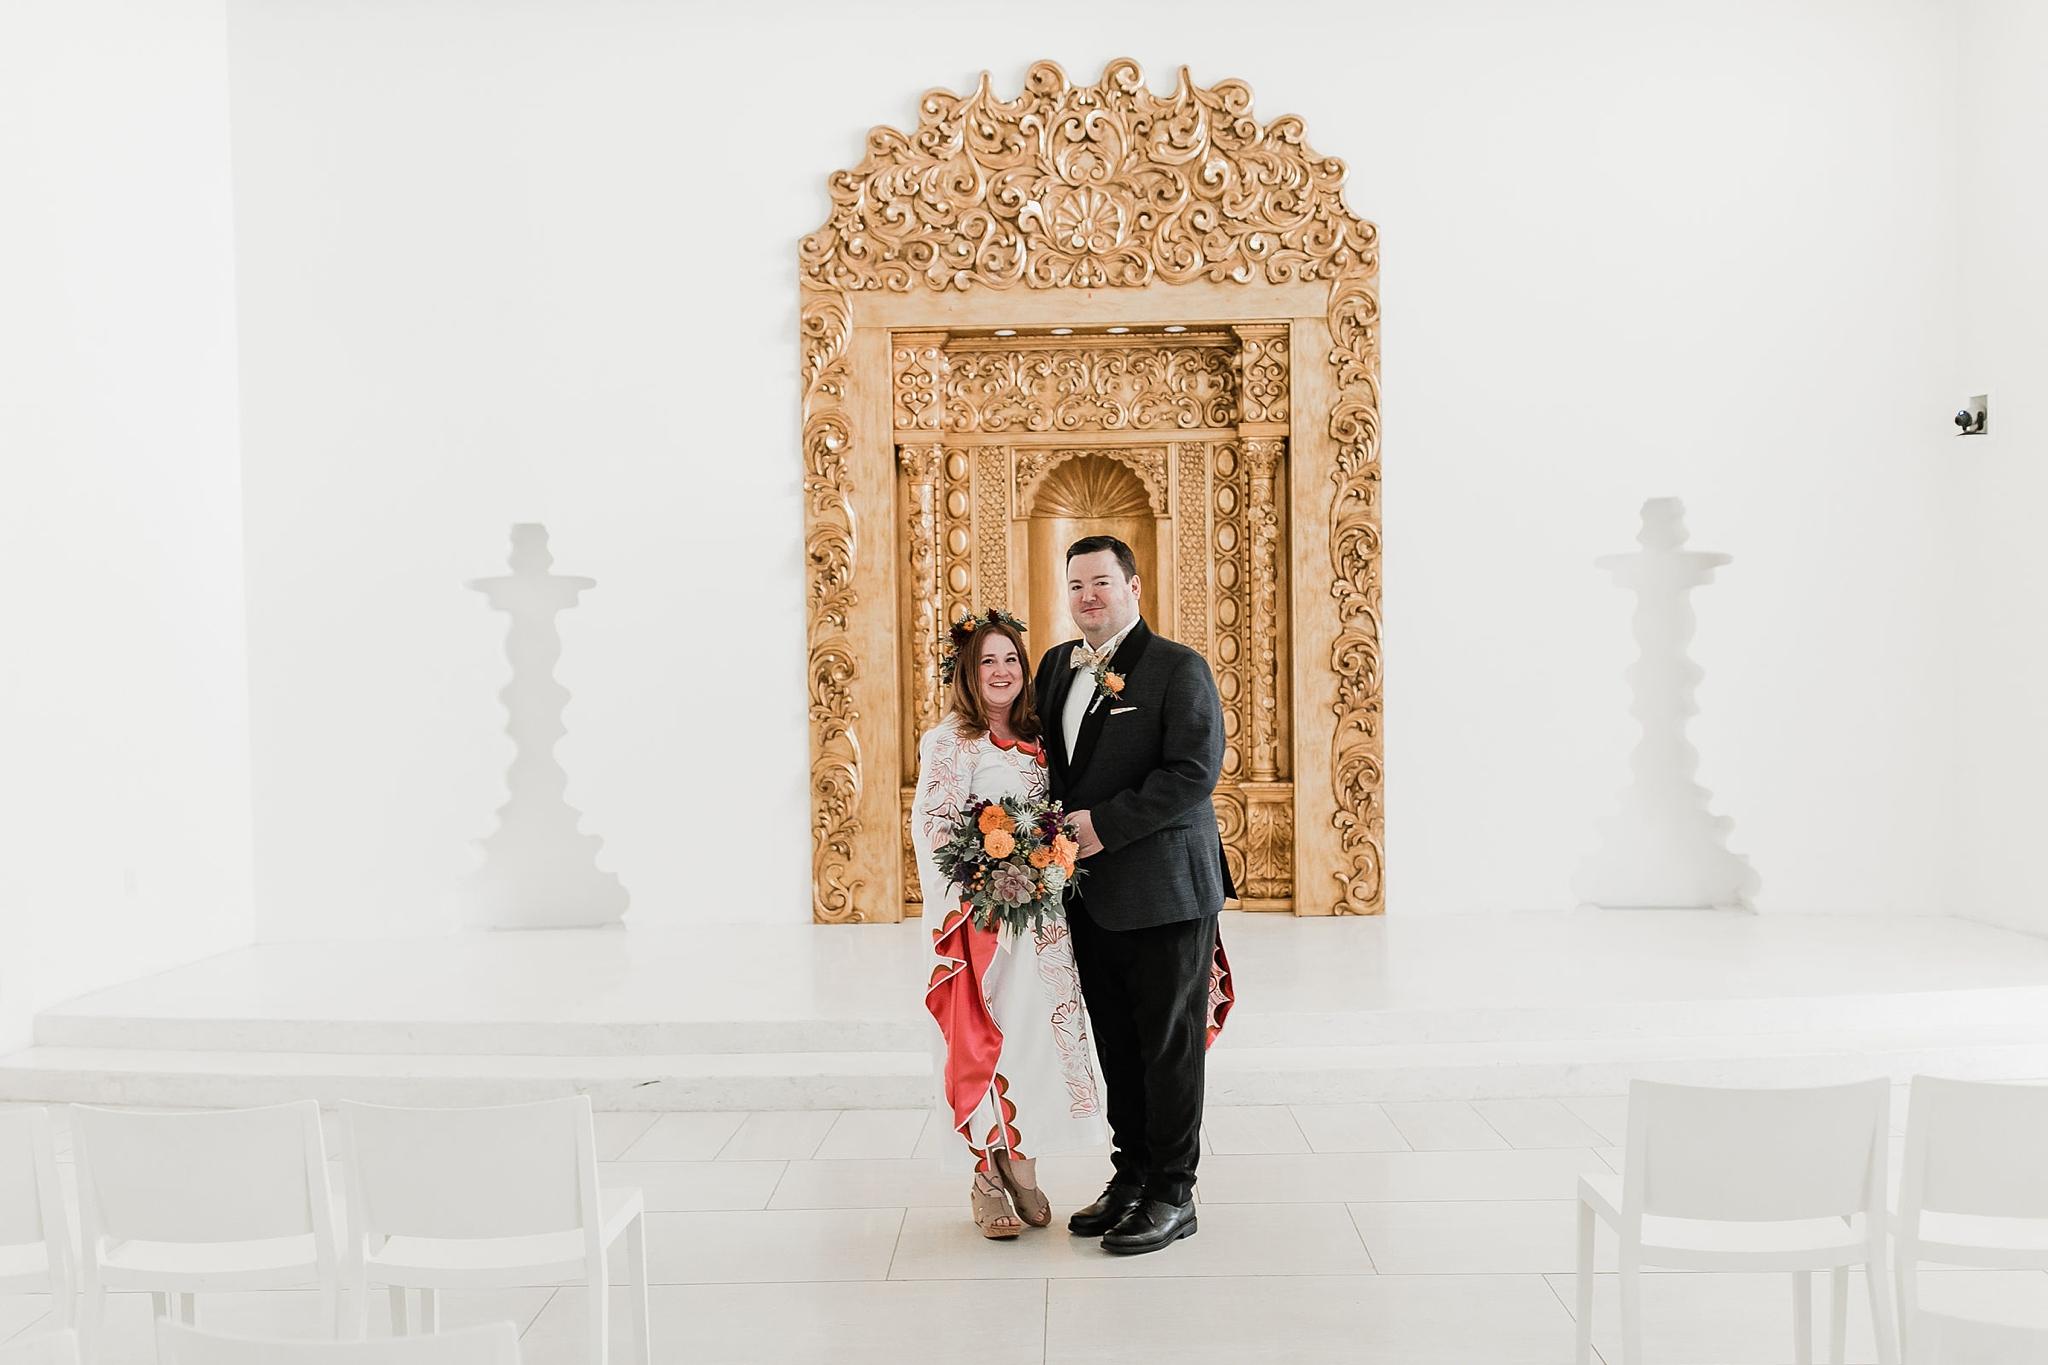 Alicia+lucia+photography+-+albuquerque+wedding+photographer+-+santa+fe+wedding+photography+-+new+mexico+wedding+photographer+-+albuquerque+wedding+-+santa+fe+wedding+-+wedding+gowns+-+non+traditional+wedding+gowns_0023.jpg